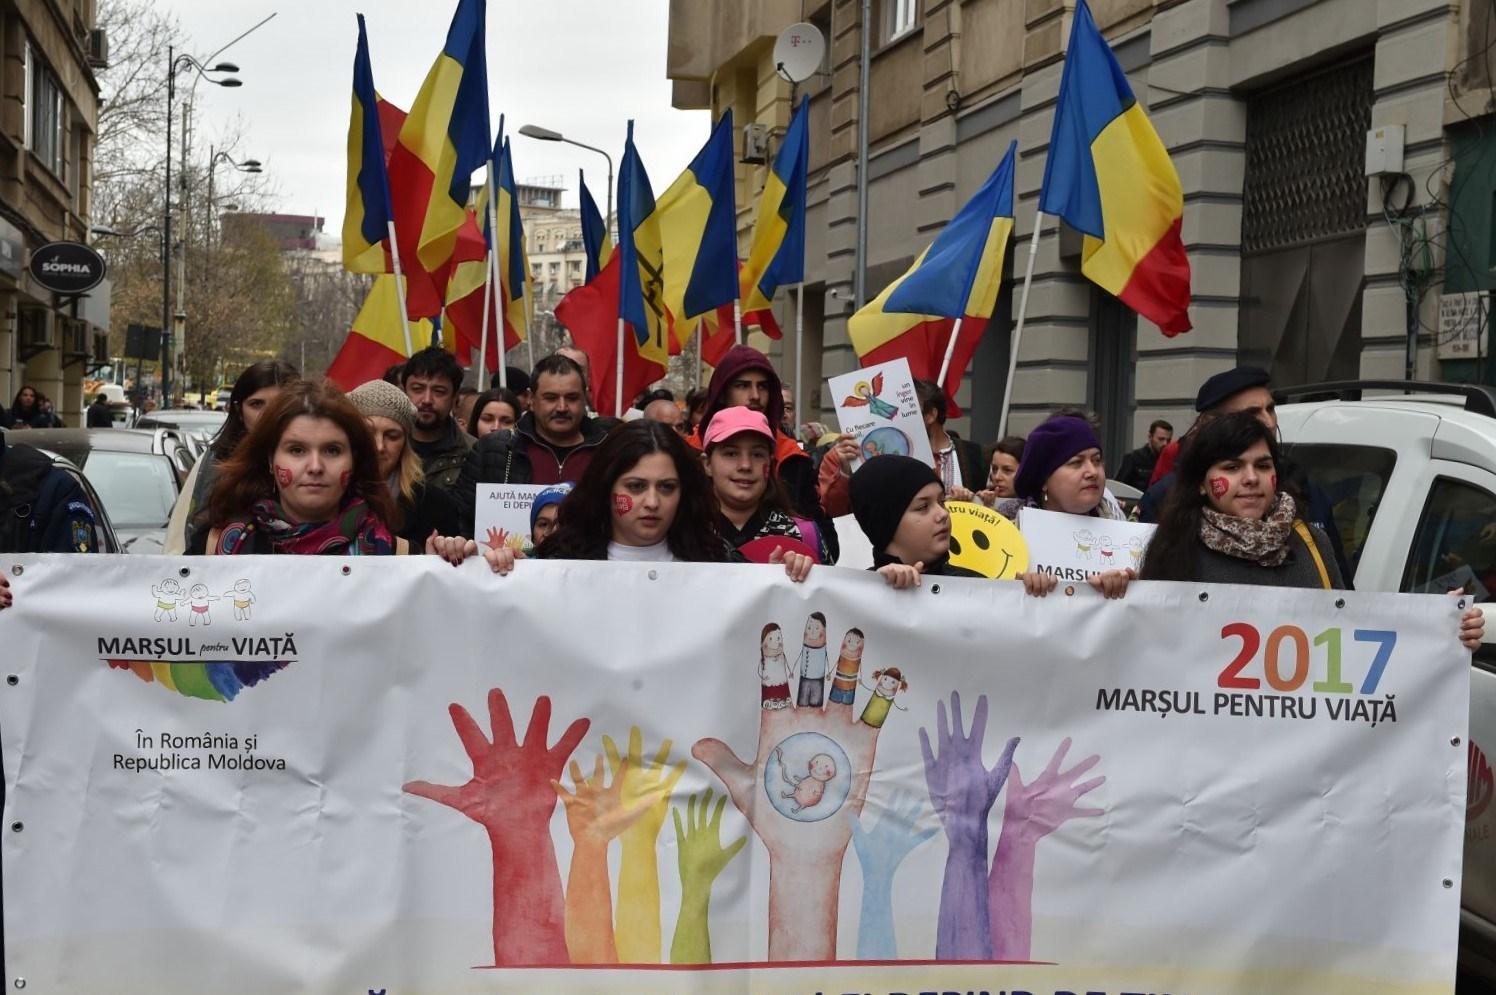 """Photo of Cristian Bostan, un tânăr bucureștean, despre Marșul pentru Viață: """"Cei care au ieșit în stradă au făcut-o pentru că vor să își exprime susținerea lor pentru o idee. Și au tot dreptul să o facă"""""""